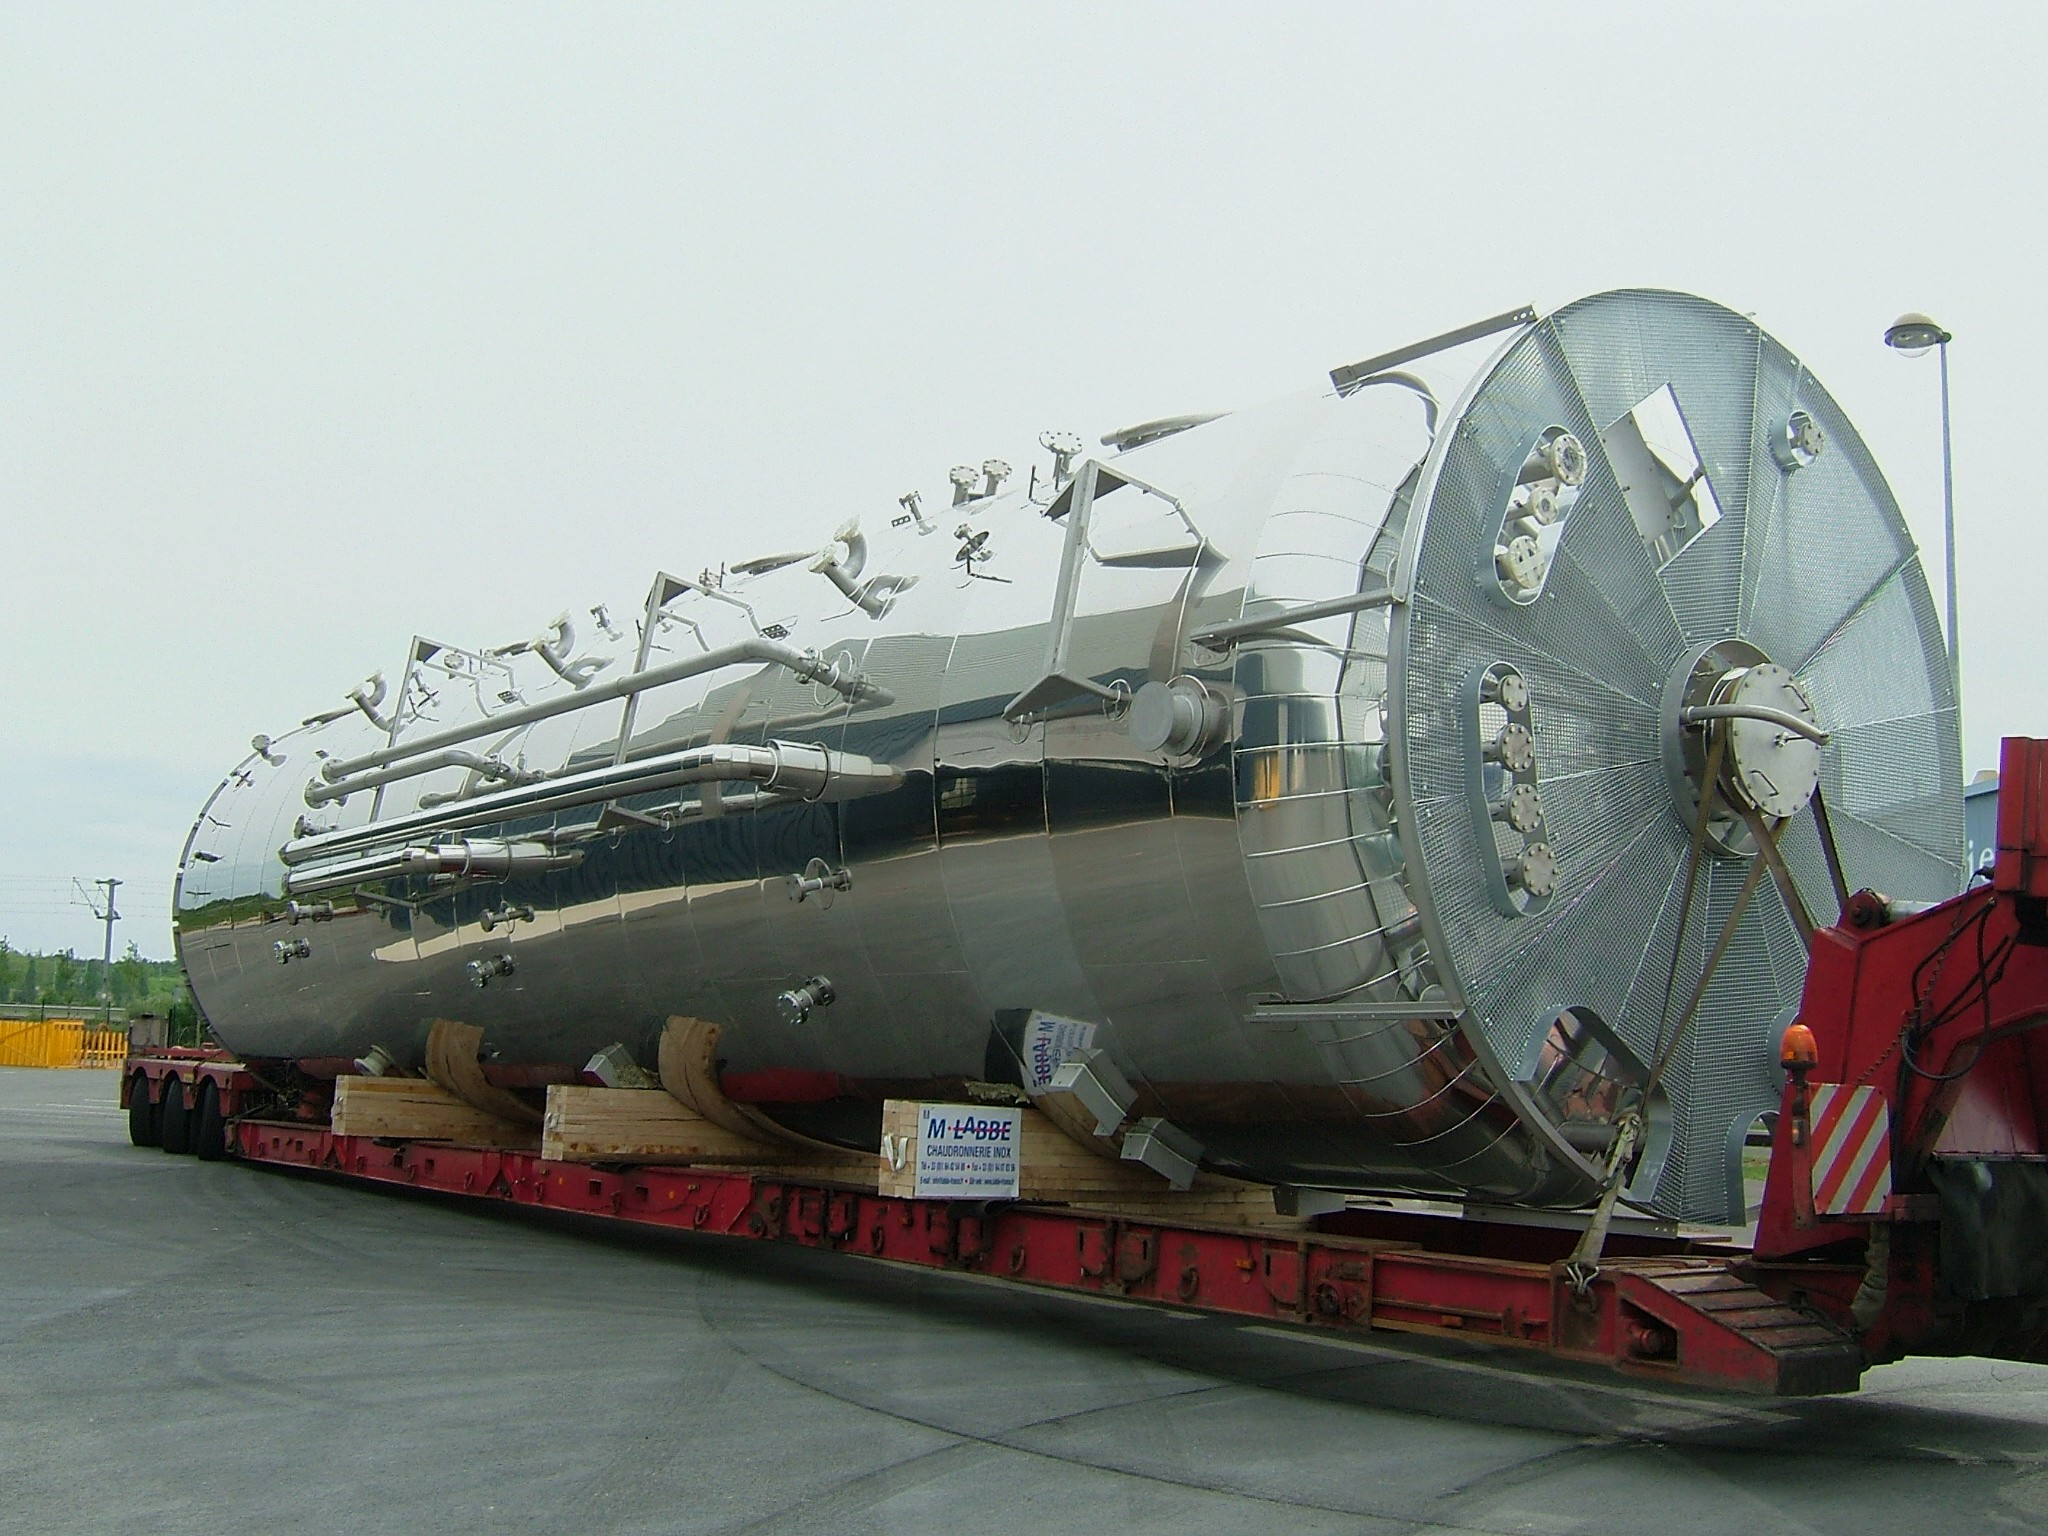 chaudronnerie-labbe-process-equipment-design-cuve-sous-pression